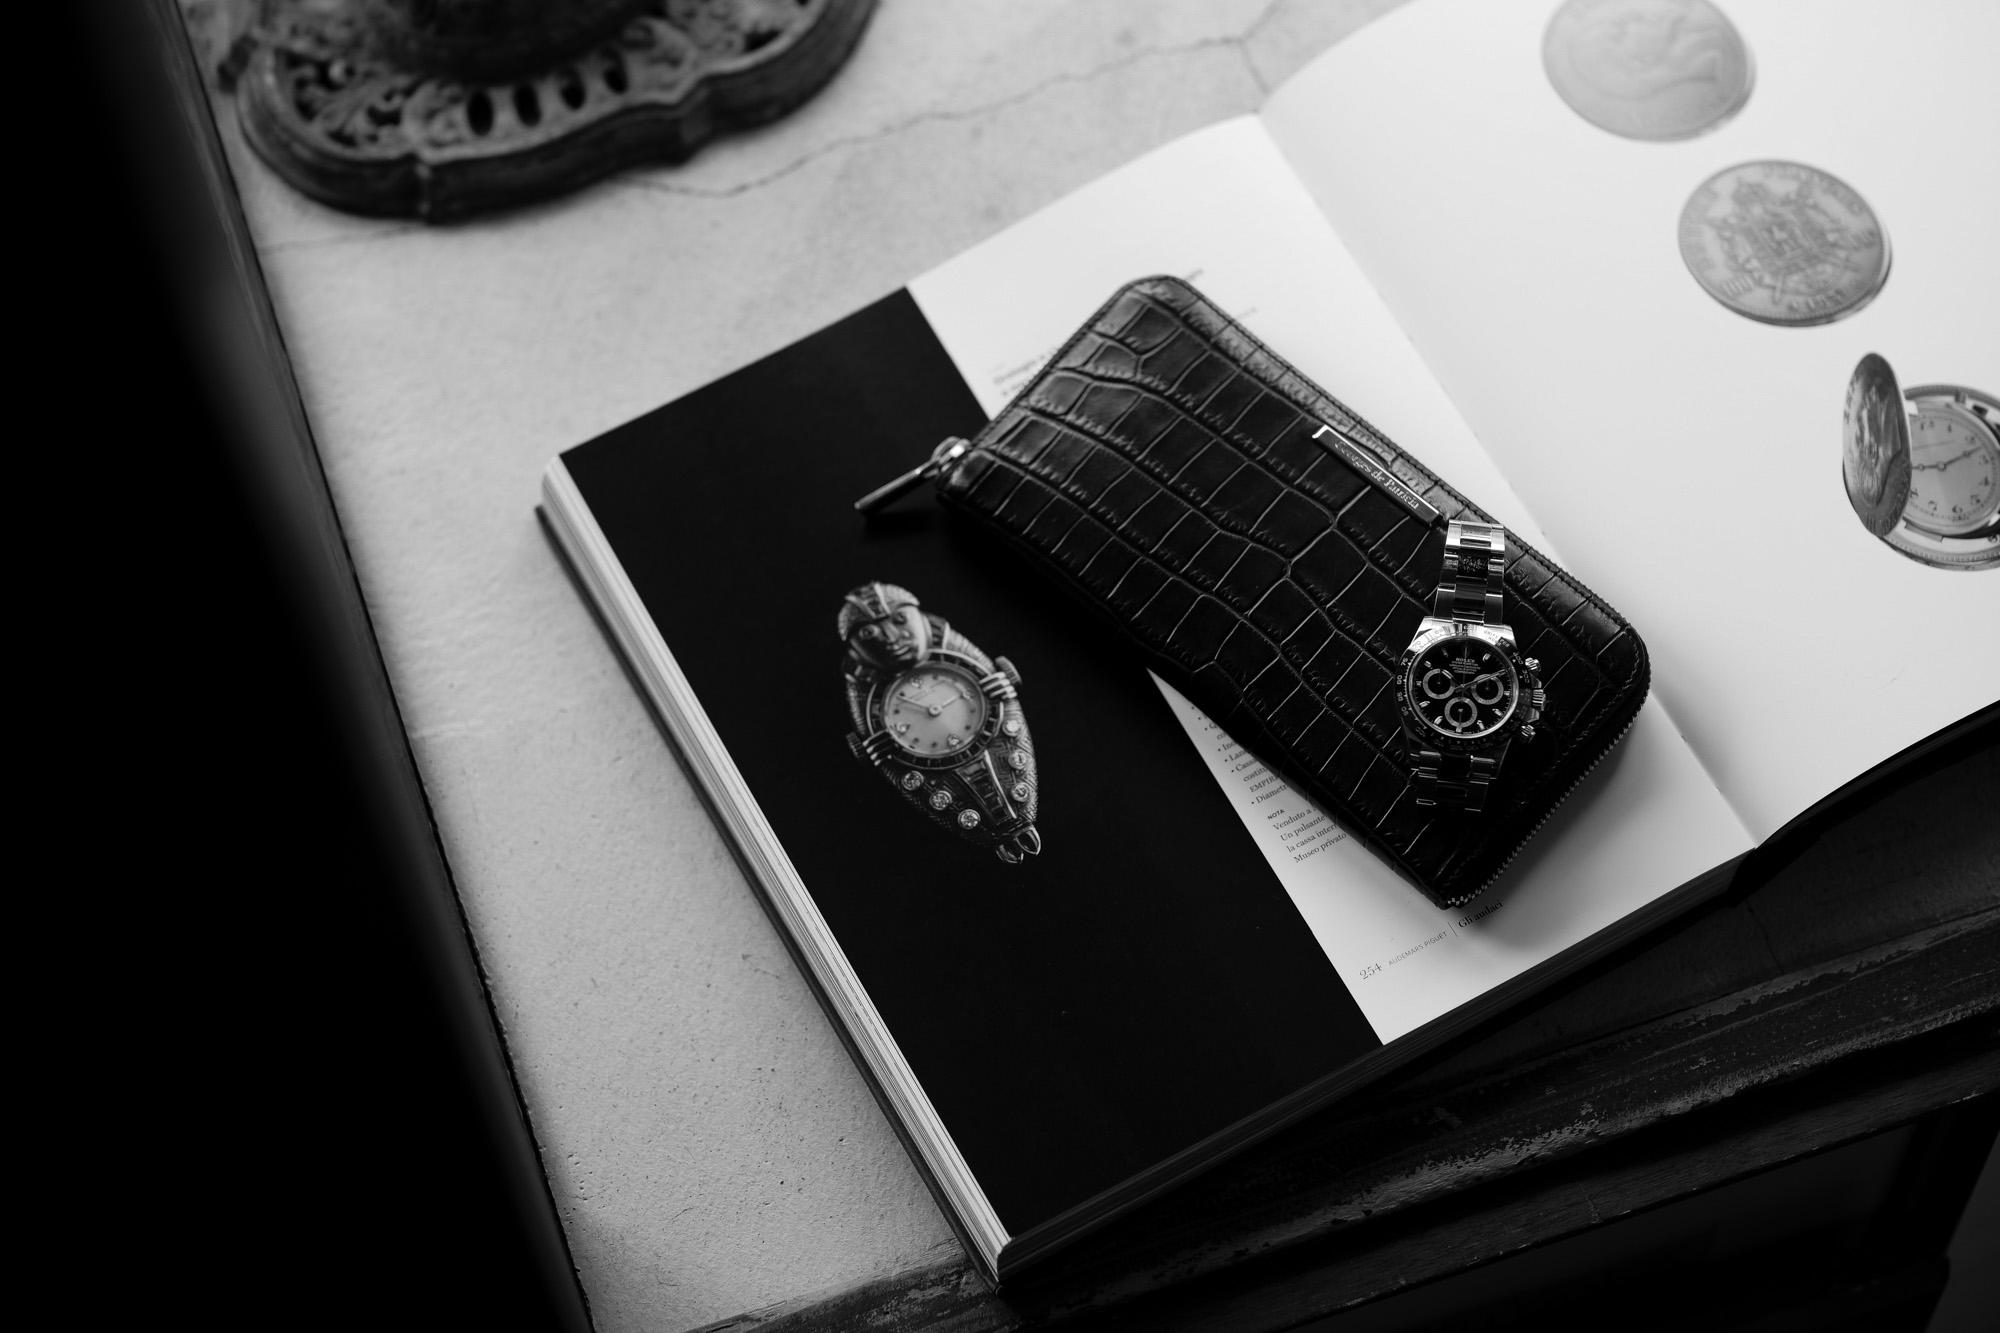 Georges de Patricia(ジョルジュ ド パトリシア) Phantom Crocodile Long (ファントム クロコダイル ロング) 925 STERLING SILVER (925 スターリングシルバー) Niloticus Crocodile ニロティカス クロコダイル エキゾチックレザー ロング ウォレット NOIR (ブラック) 2021【Special Model】ジョルジュ ド パトリシア ファントム クロコダイル ロング 925 スターリングシルバー ニロティカス クロコダイル エキゾチックレザー ロングウォレット 愛知 名古屋 altoediritto アルトエデリット 財布 長財布 rolex ロレックス daytona デイトナ ROLEX COSMOGRAPH DAYTONA 116500LN